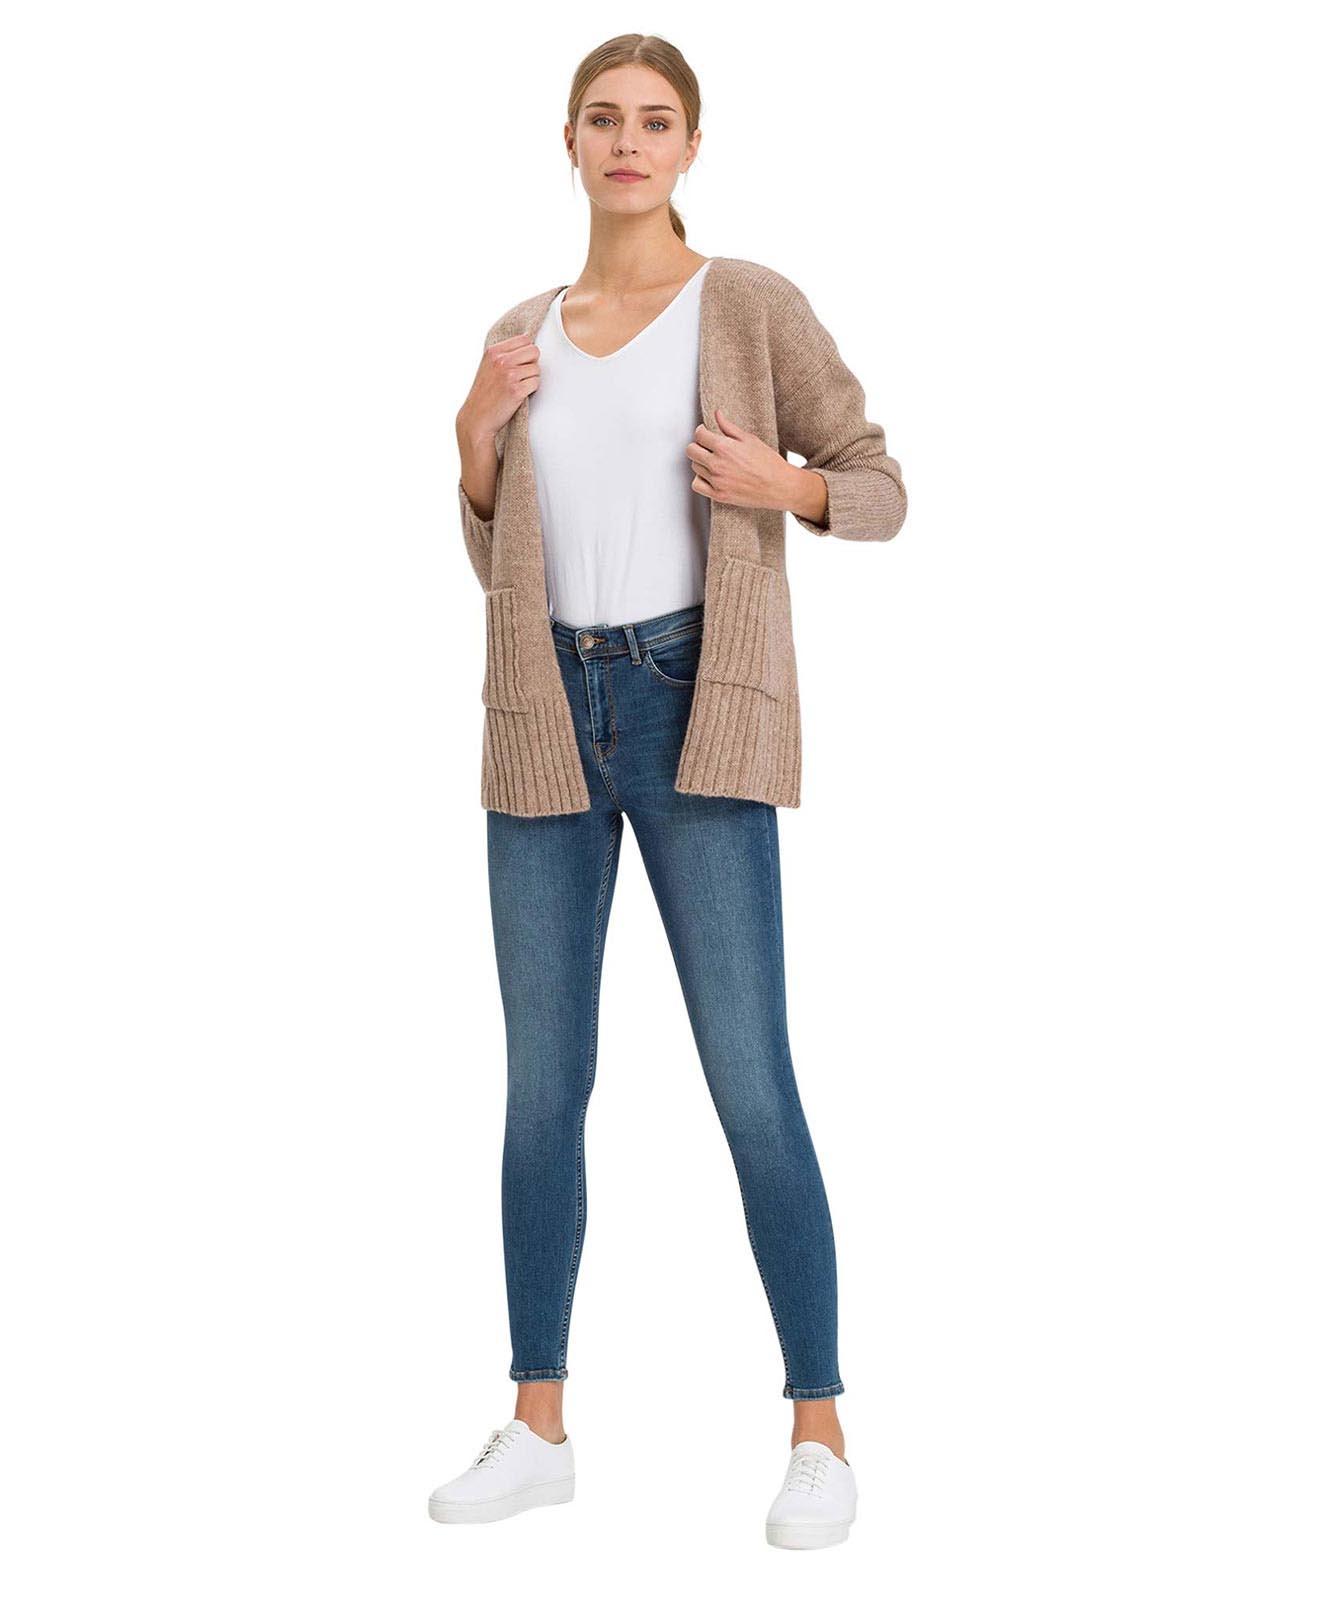 Hosen - Cross Skinny Jeans Judy in Dark Mid Blue  - Onlineshop Jeans Meile